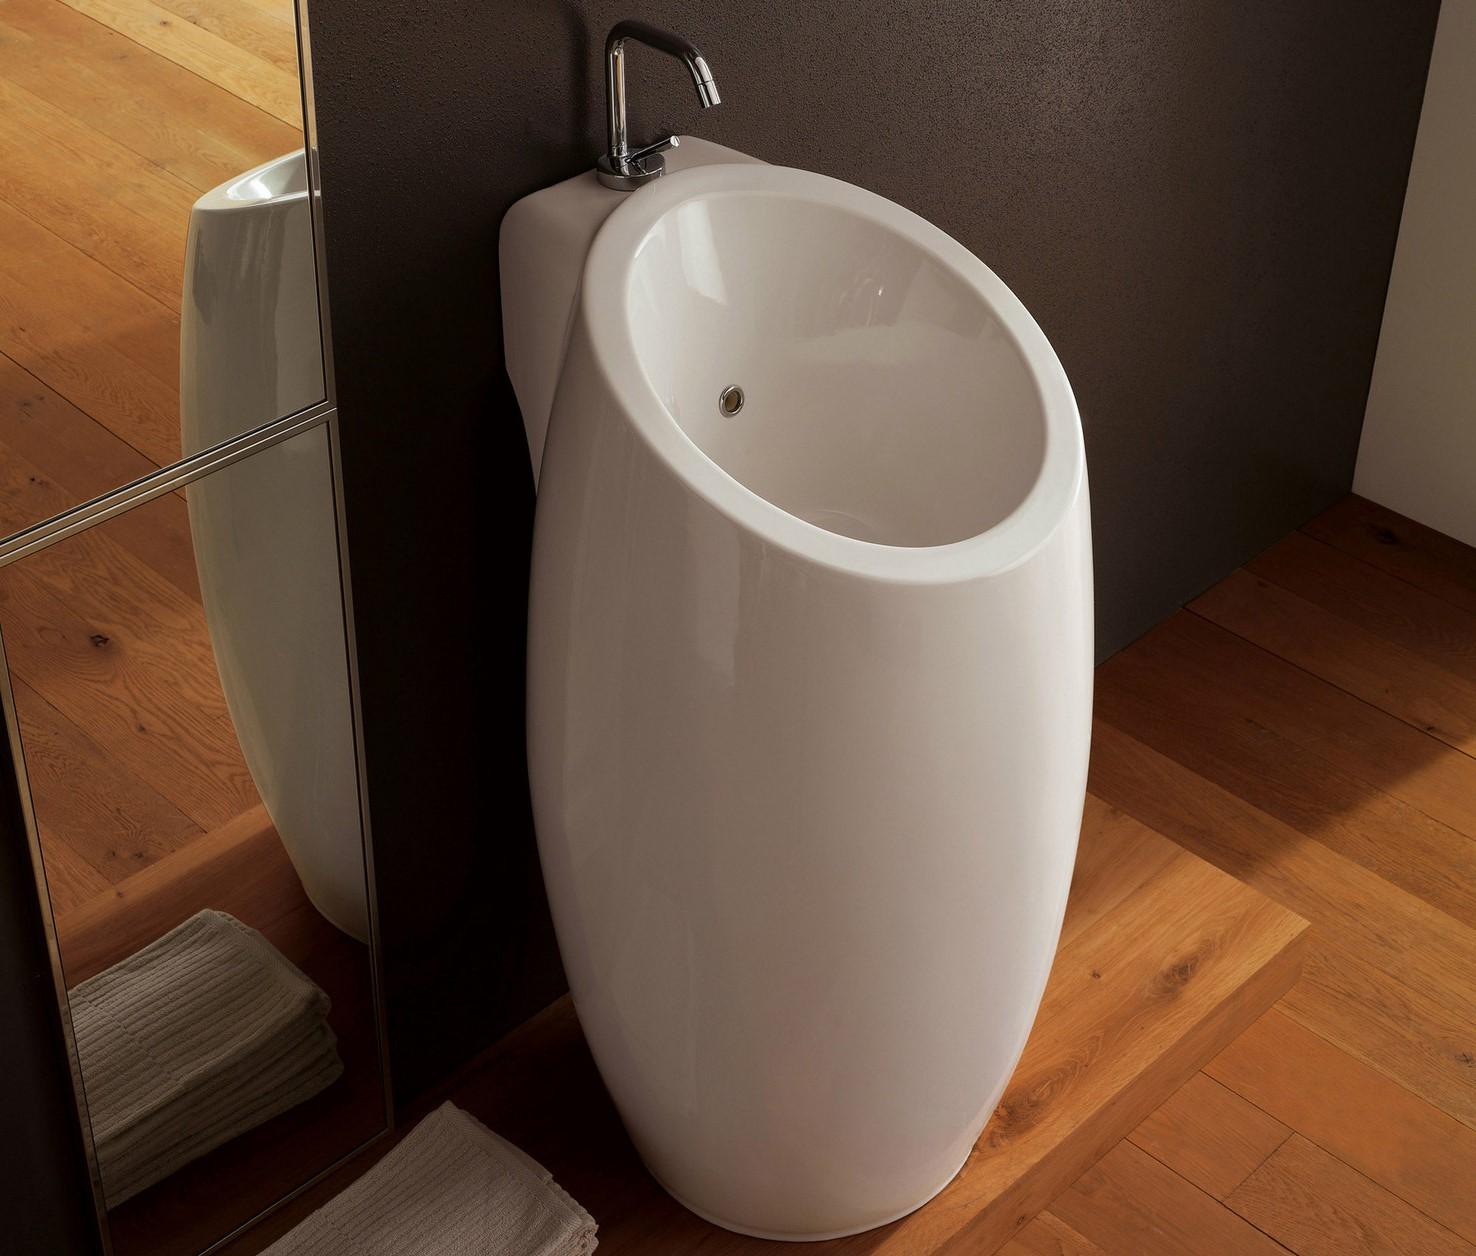 Lavandino Bagno Con Piede lavelli da terra: lavabi freestanding in bagno, modelli a